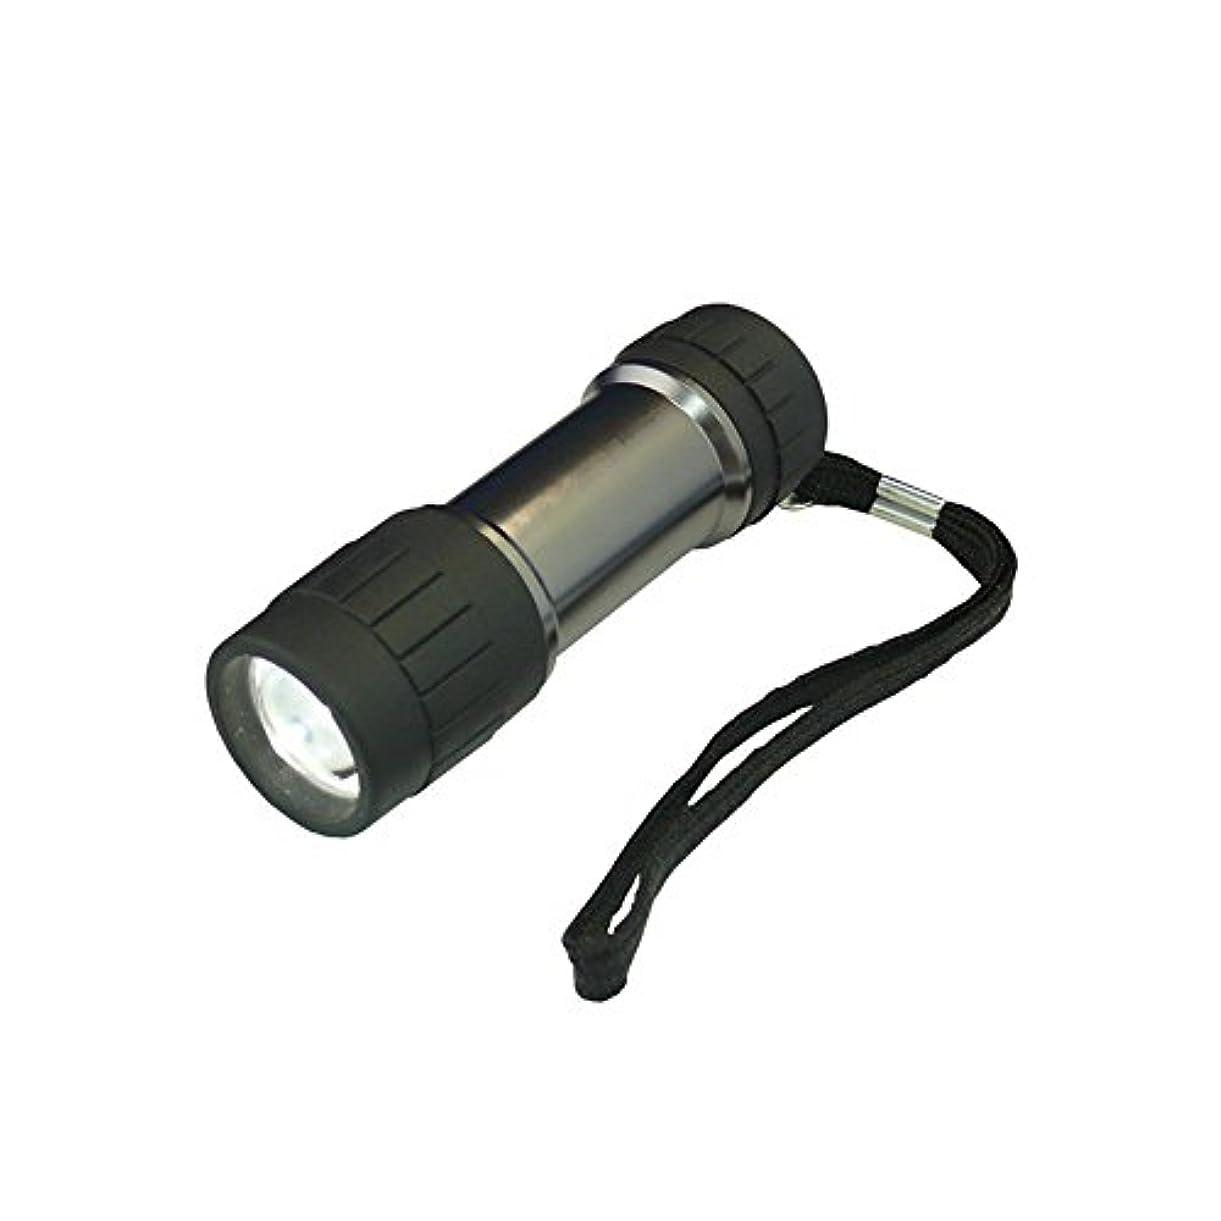 アスリートアーサーコナンドイルティーンエイジャーコンテック(kontec) LEDパワーハンドライト 0.5W 白色?風神 SE-11